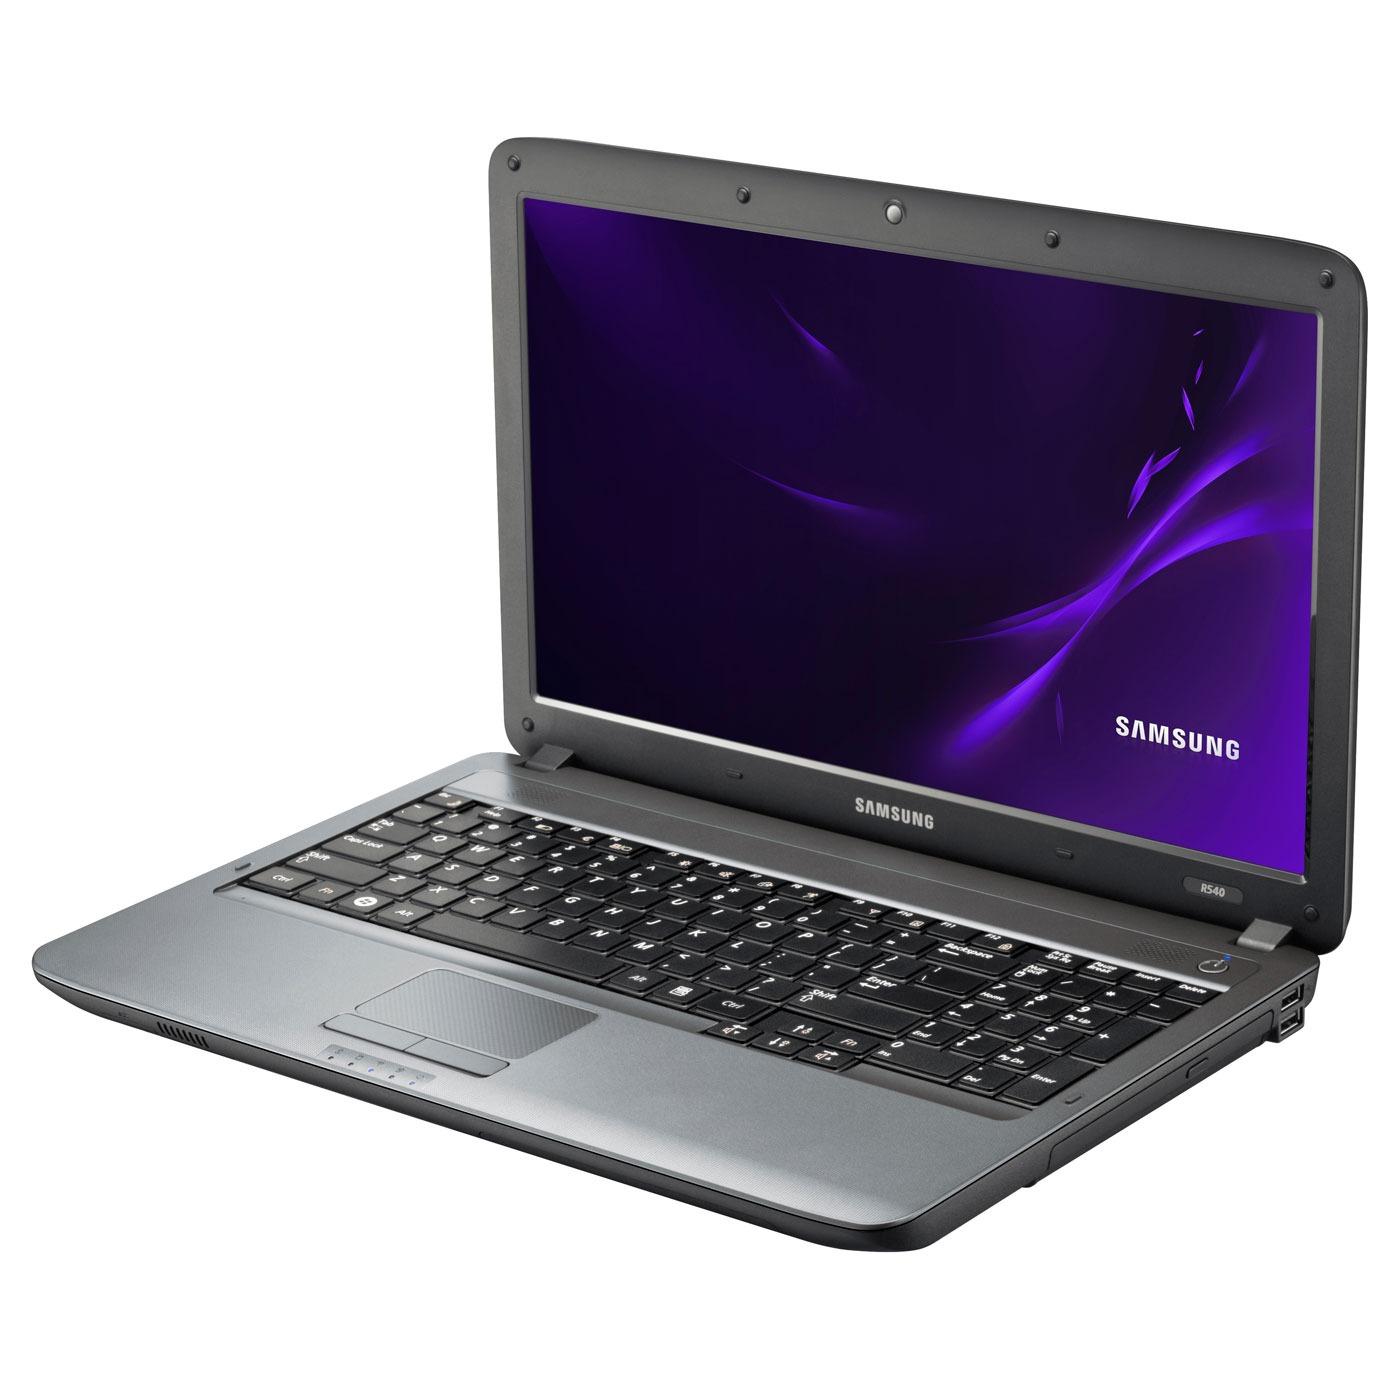 Samsung r540 i7p c3380 pc portable samsung sur - Batterie ordinateur portable samsung r530 ...